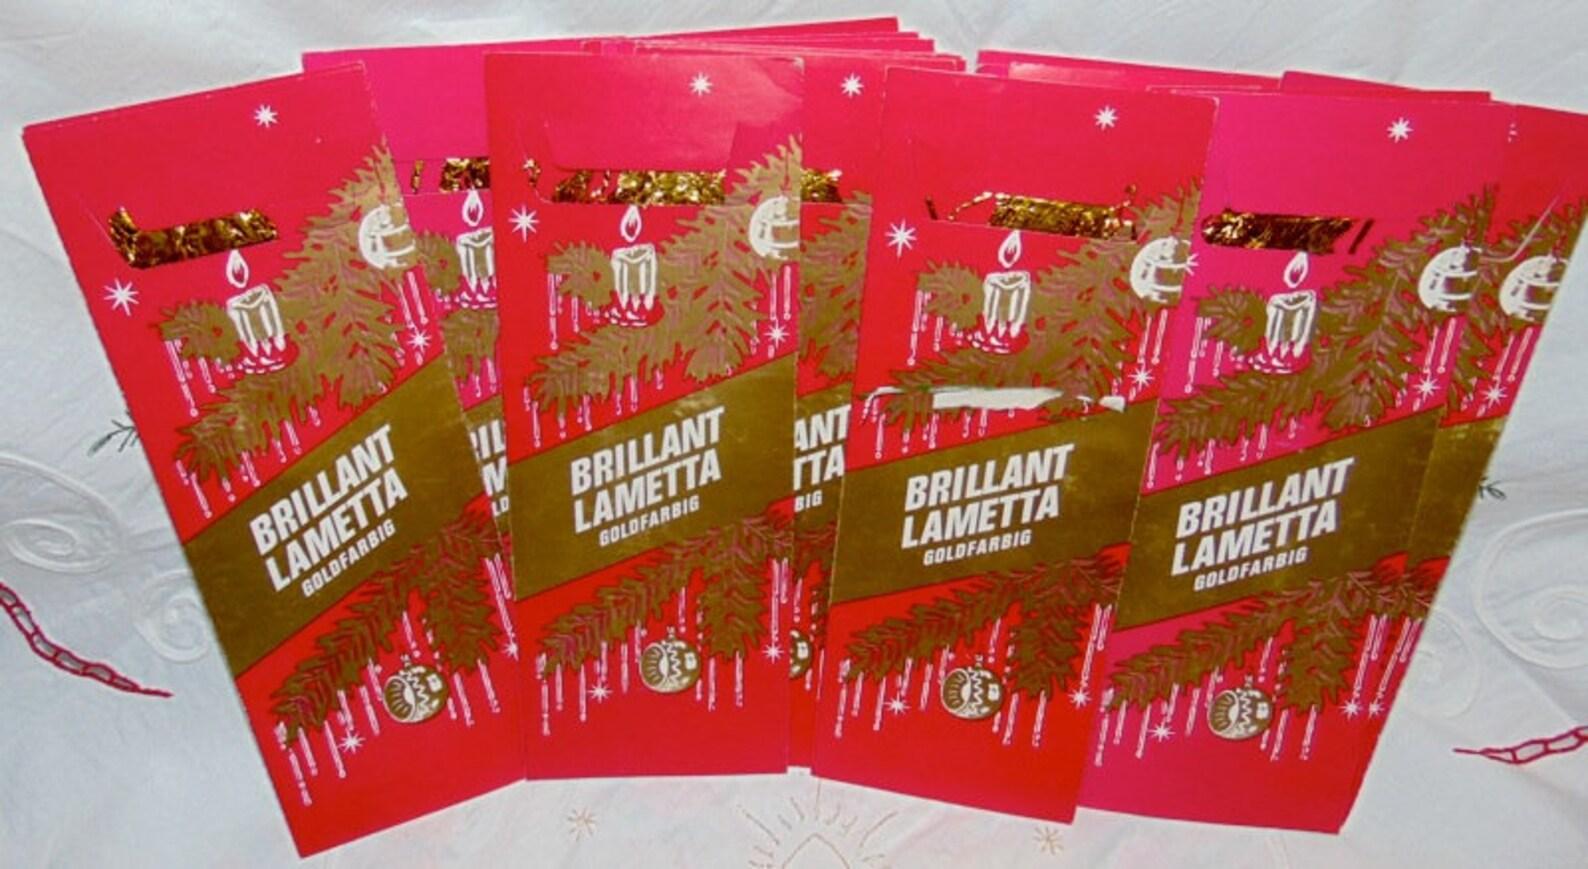 Vintage German Tinsel in Original Package~Metal Tinsel~Gold Lametta Tinsel~GOLD~1 PACKAGE per PURCHASE**Buy 2 get 1 Free Deal**